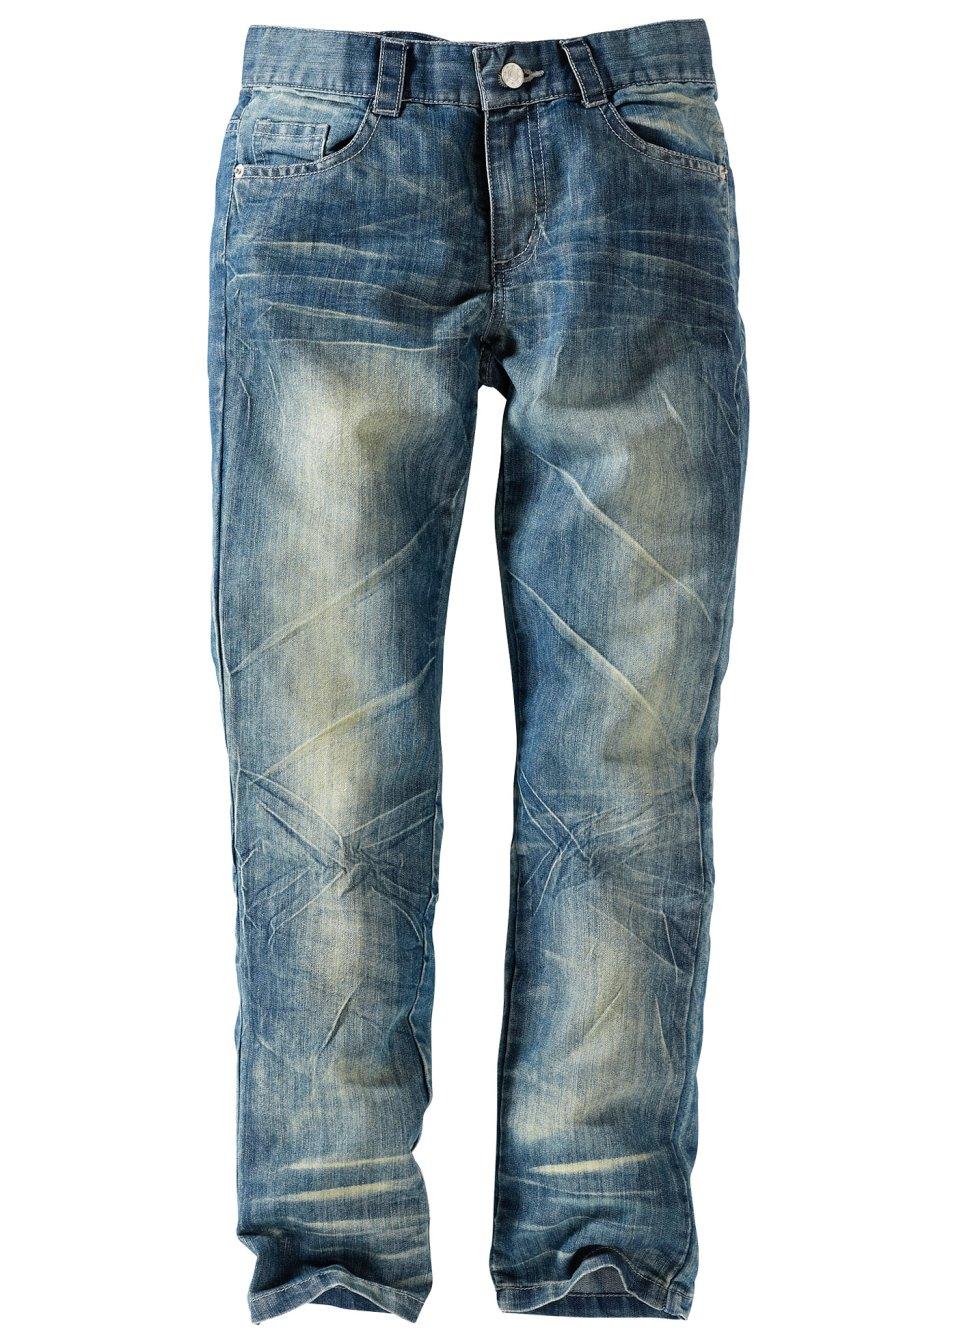 hippe jeans f r jungen dirty denim. Black Bedroom Furniture Sets. Home Design Ideas